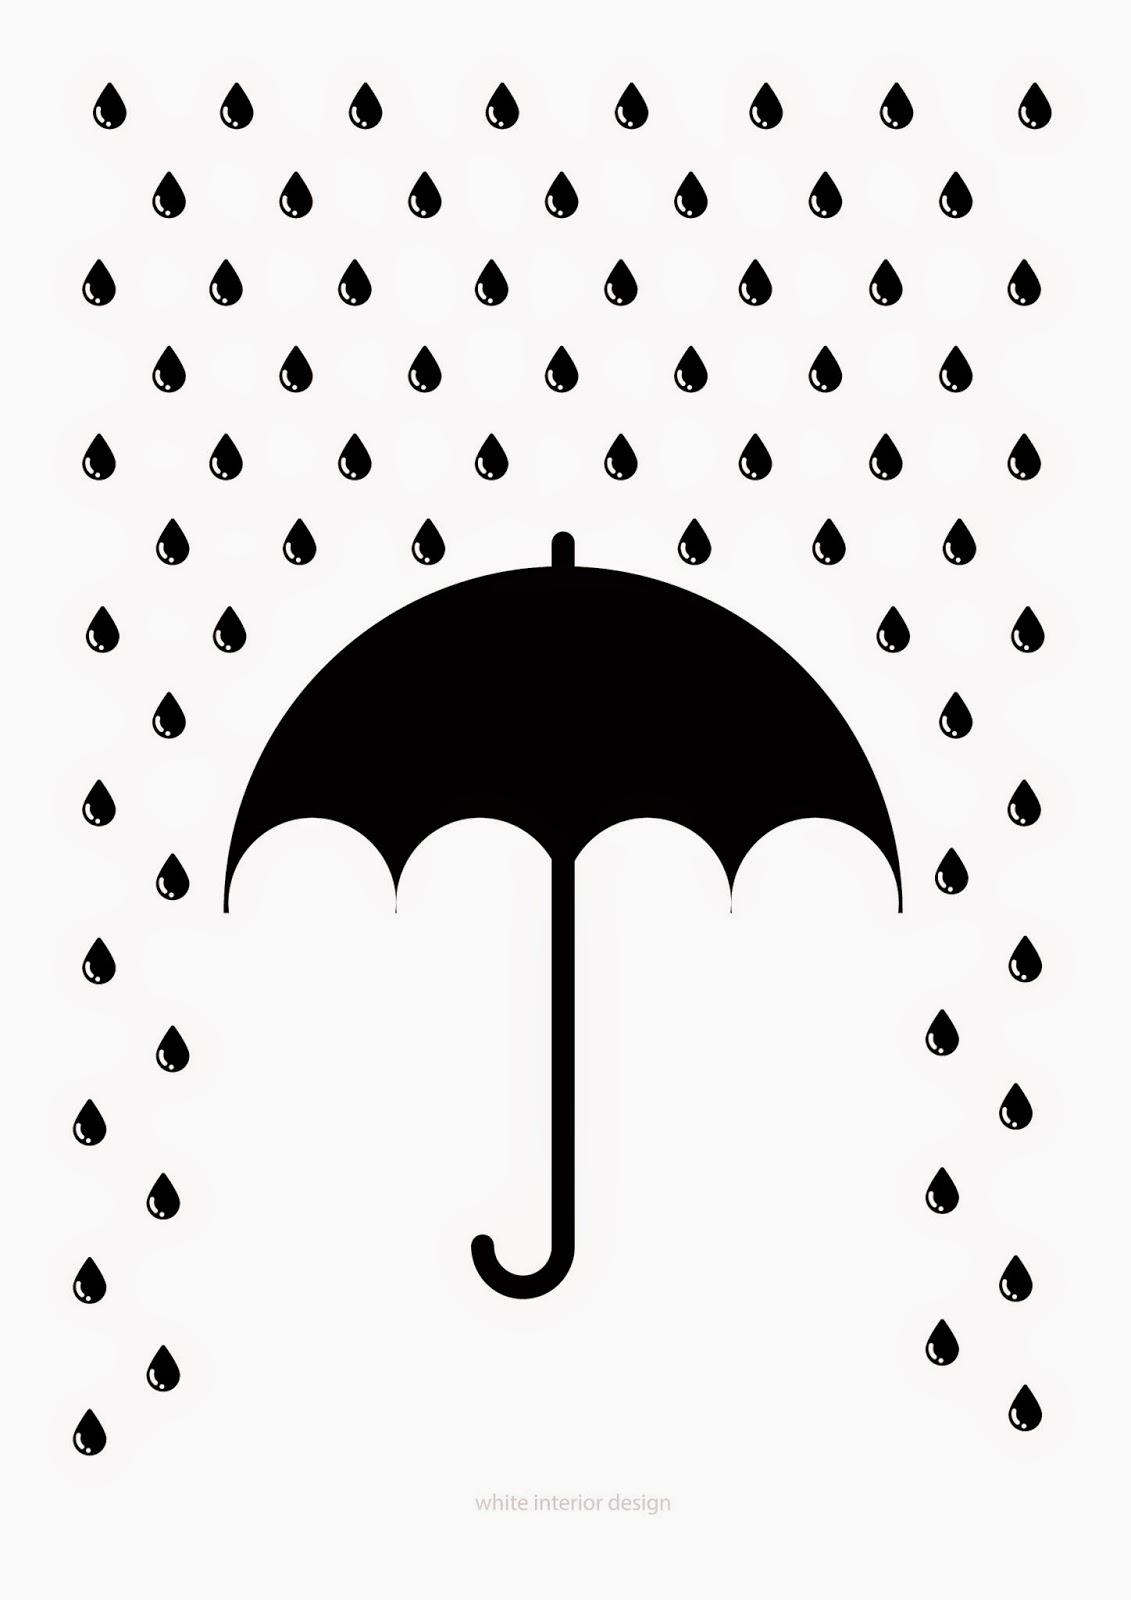 https://www.dropbox.com/s/x2kwyamkdrzsndl/rain.pdf?dl=0